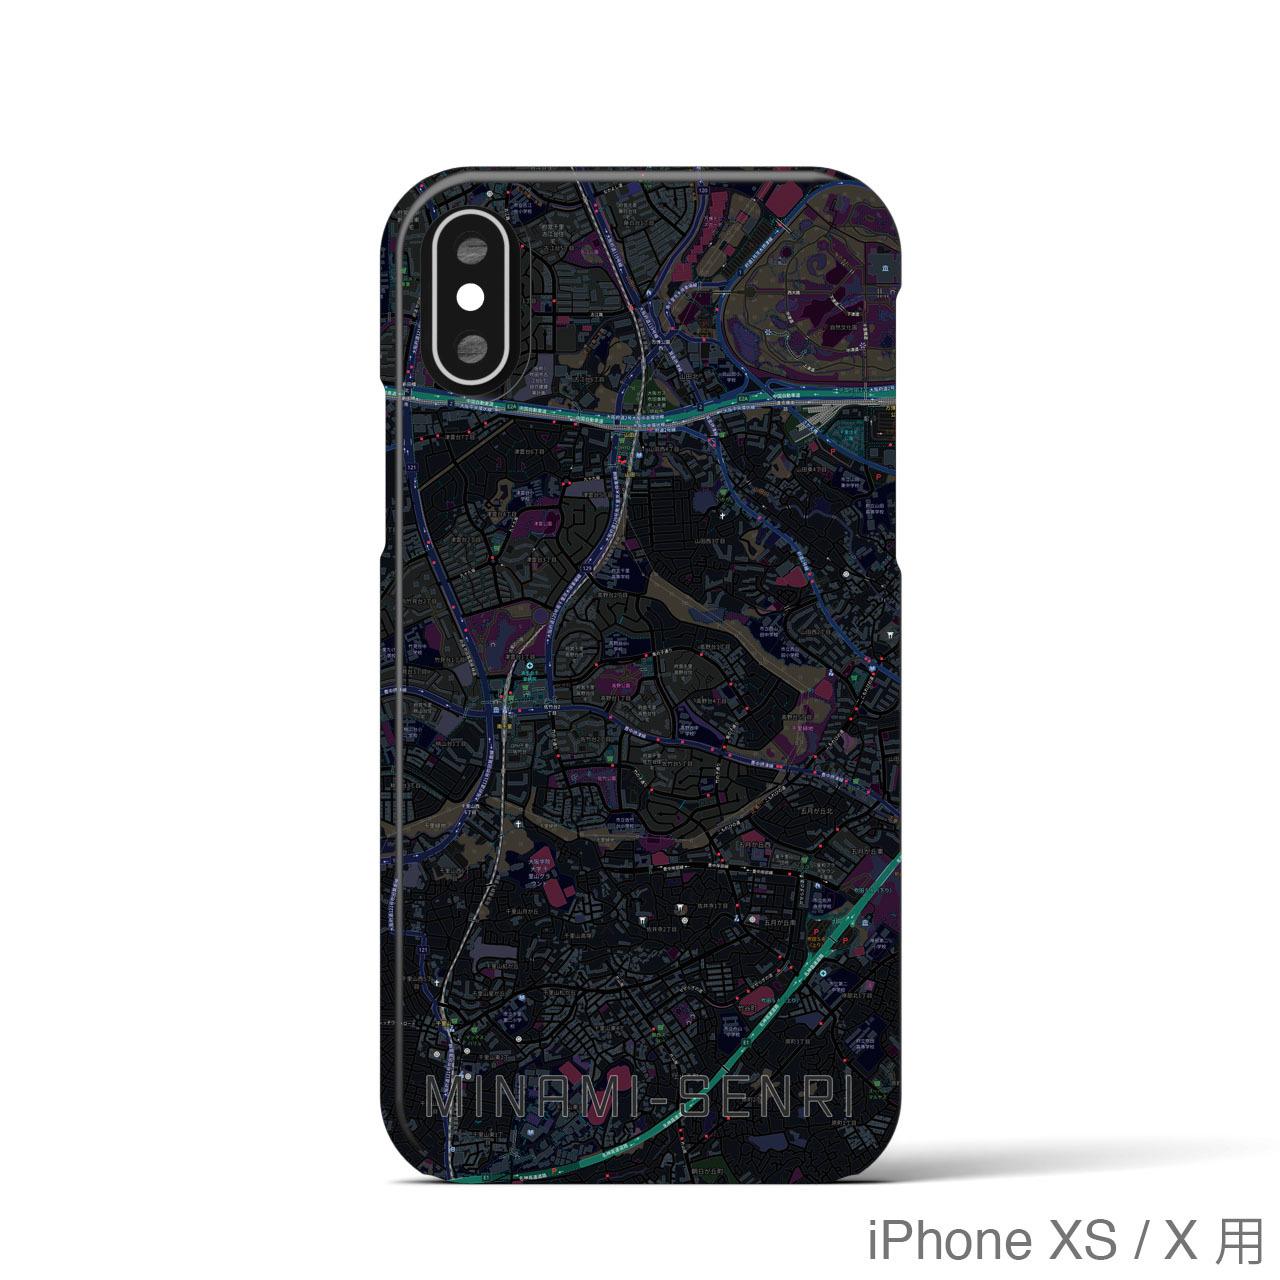 【南千里】地図柄iPhoneケース(バックカバータイプ・ブラック)